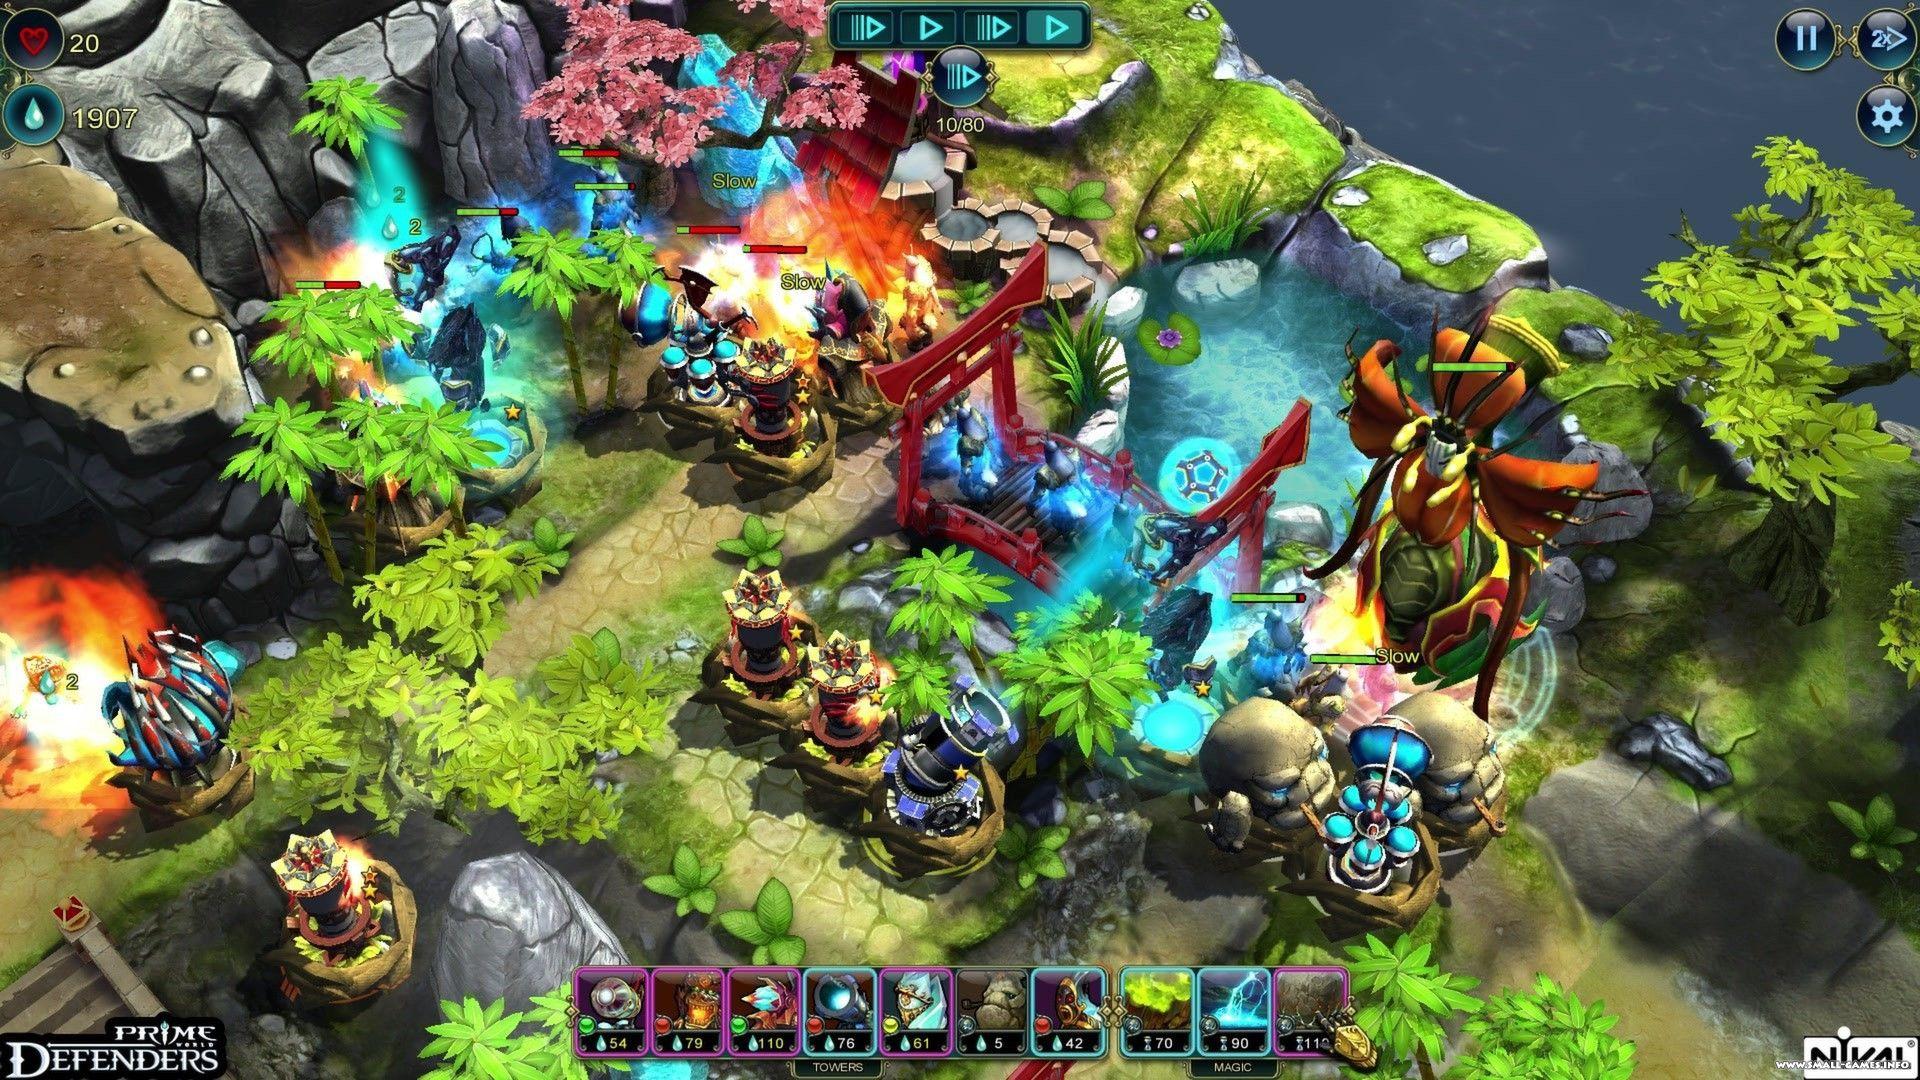 Prime world: defenders 2 на компьютер скачать бесплатно.